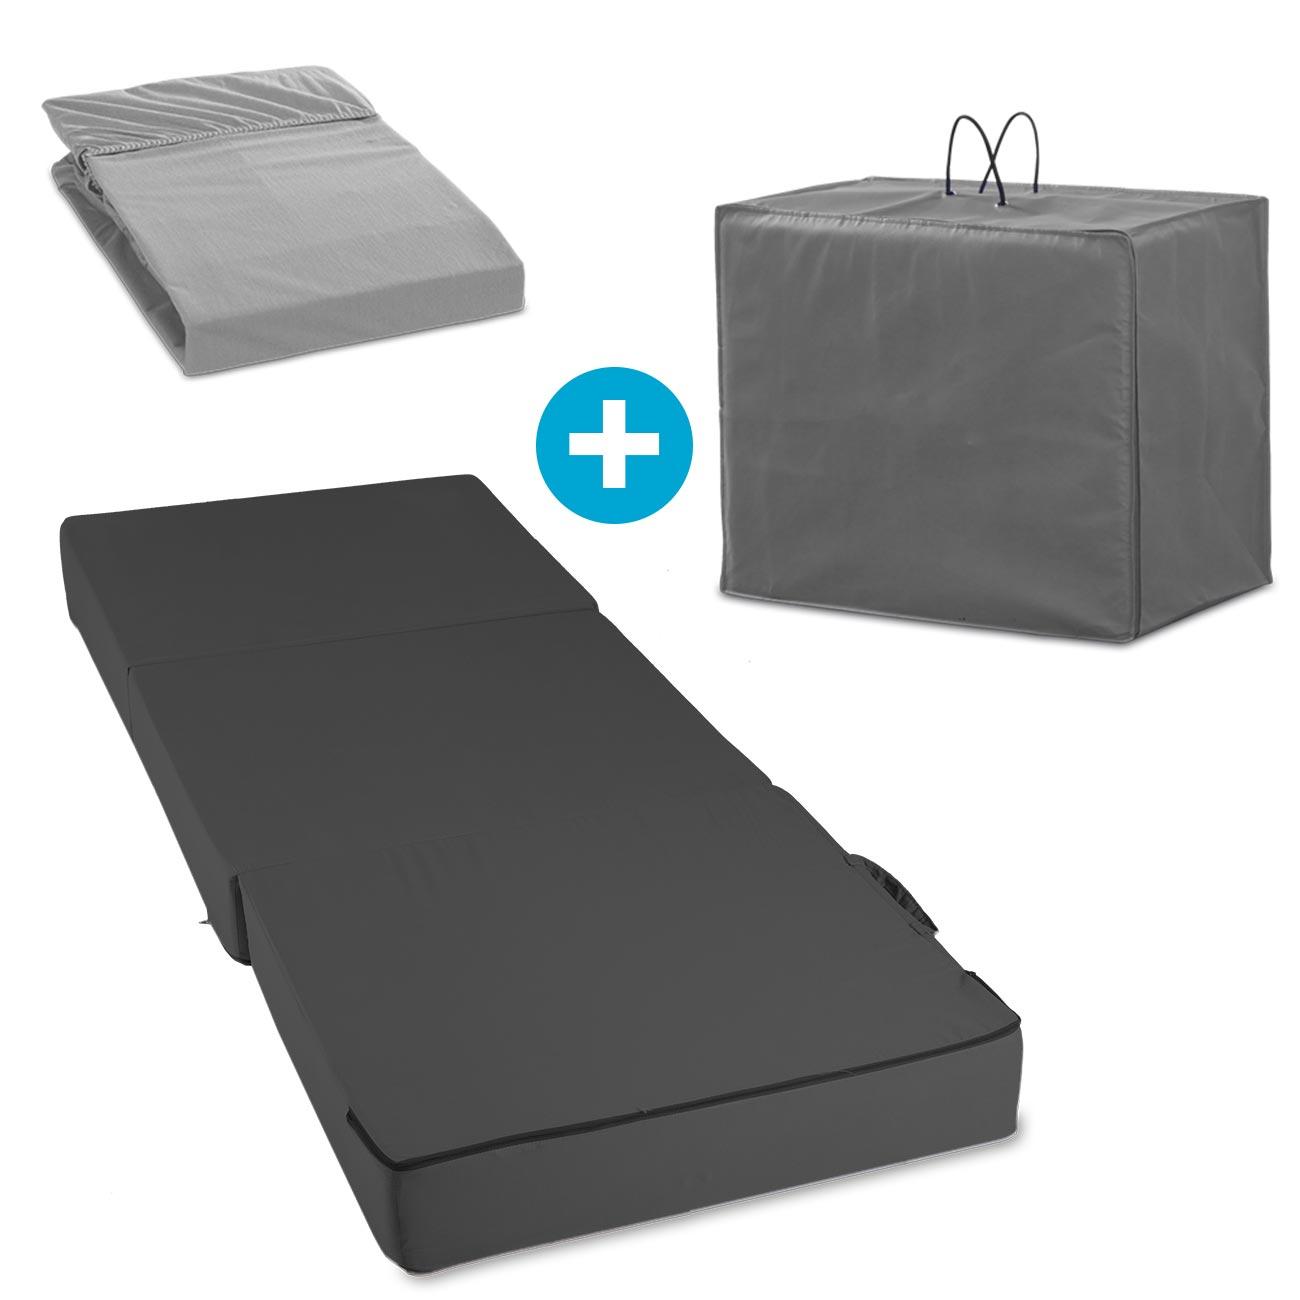 Mit dem Gästematratze Spar-Set »Visko Deluxe« erhalten Sie alles, was Sie für ein bequemes Gästebett benötigen.